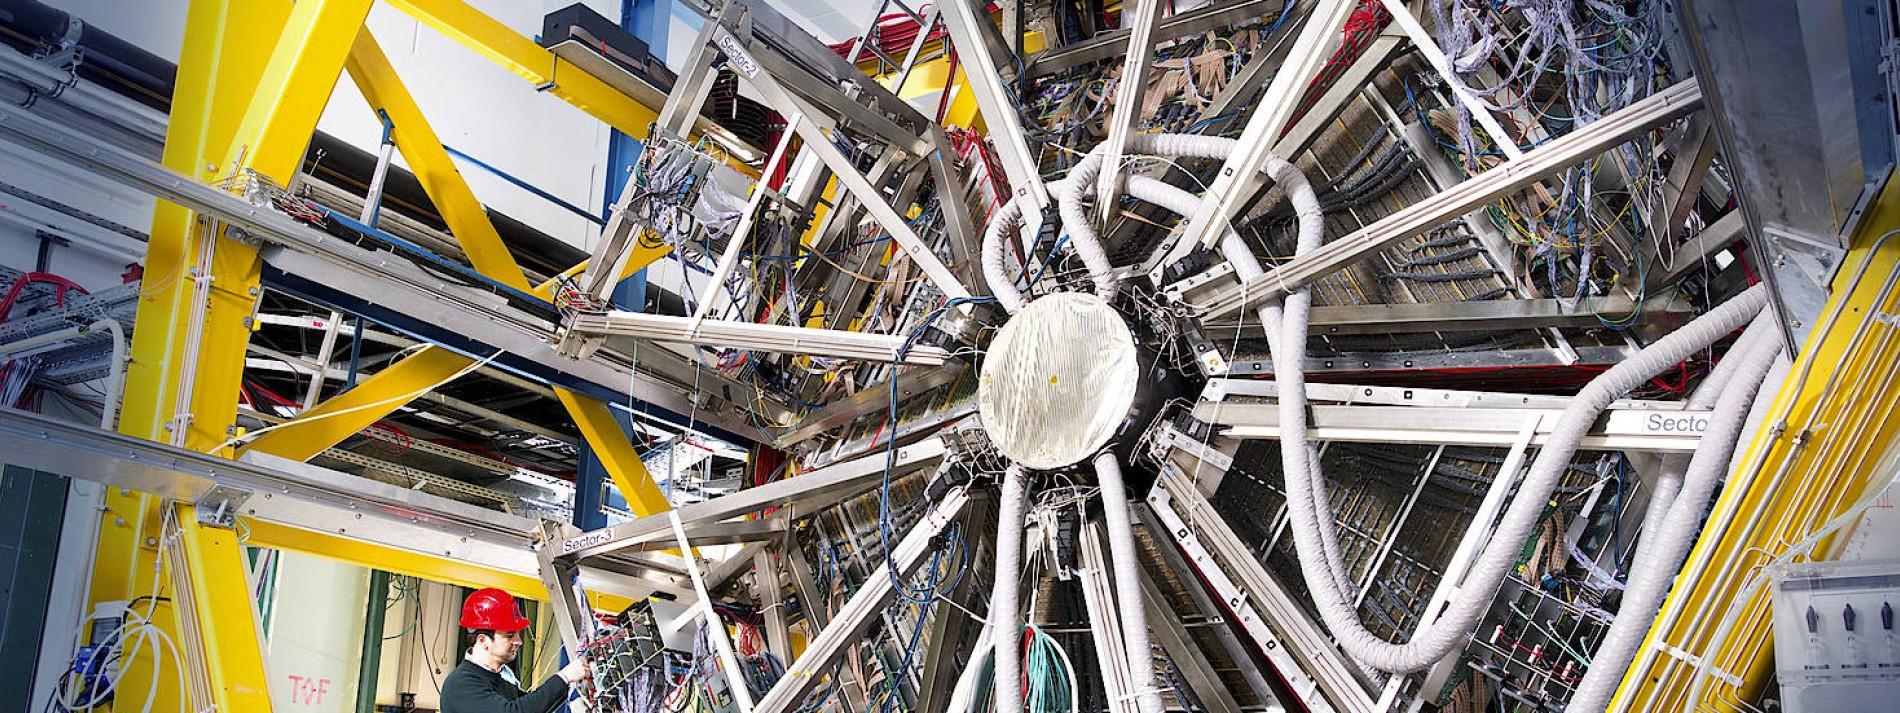 Hessen gründet Forschungsakademie für Teilchenbeschleuniger